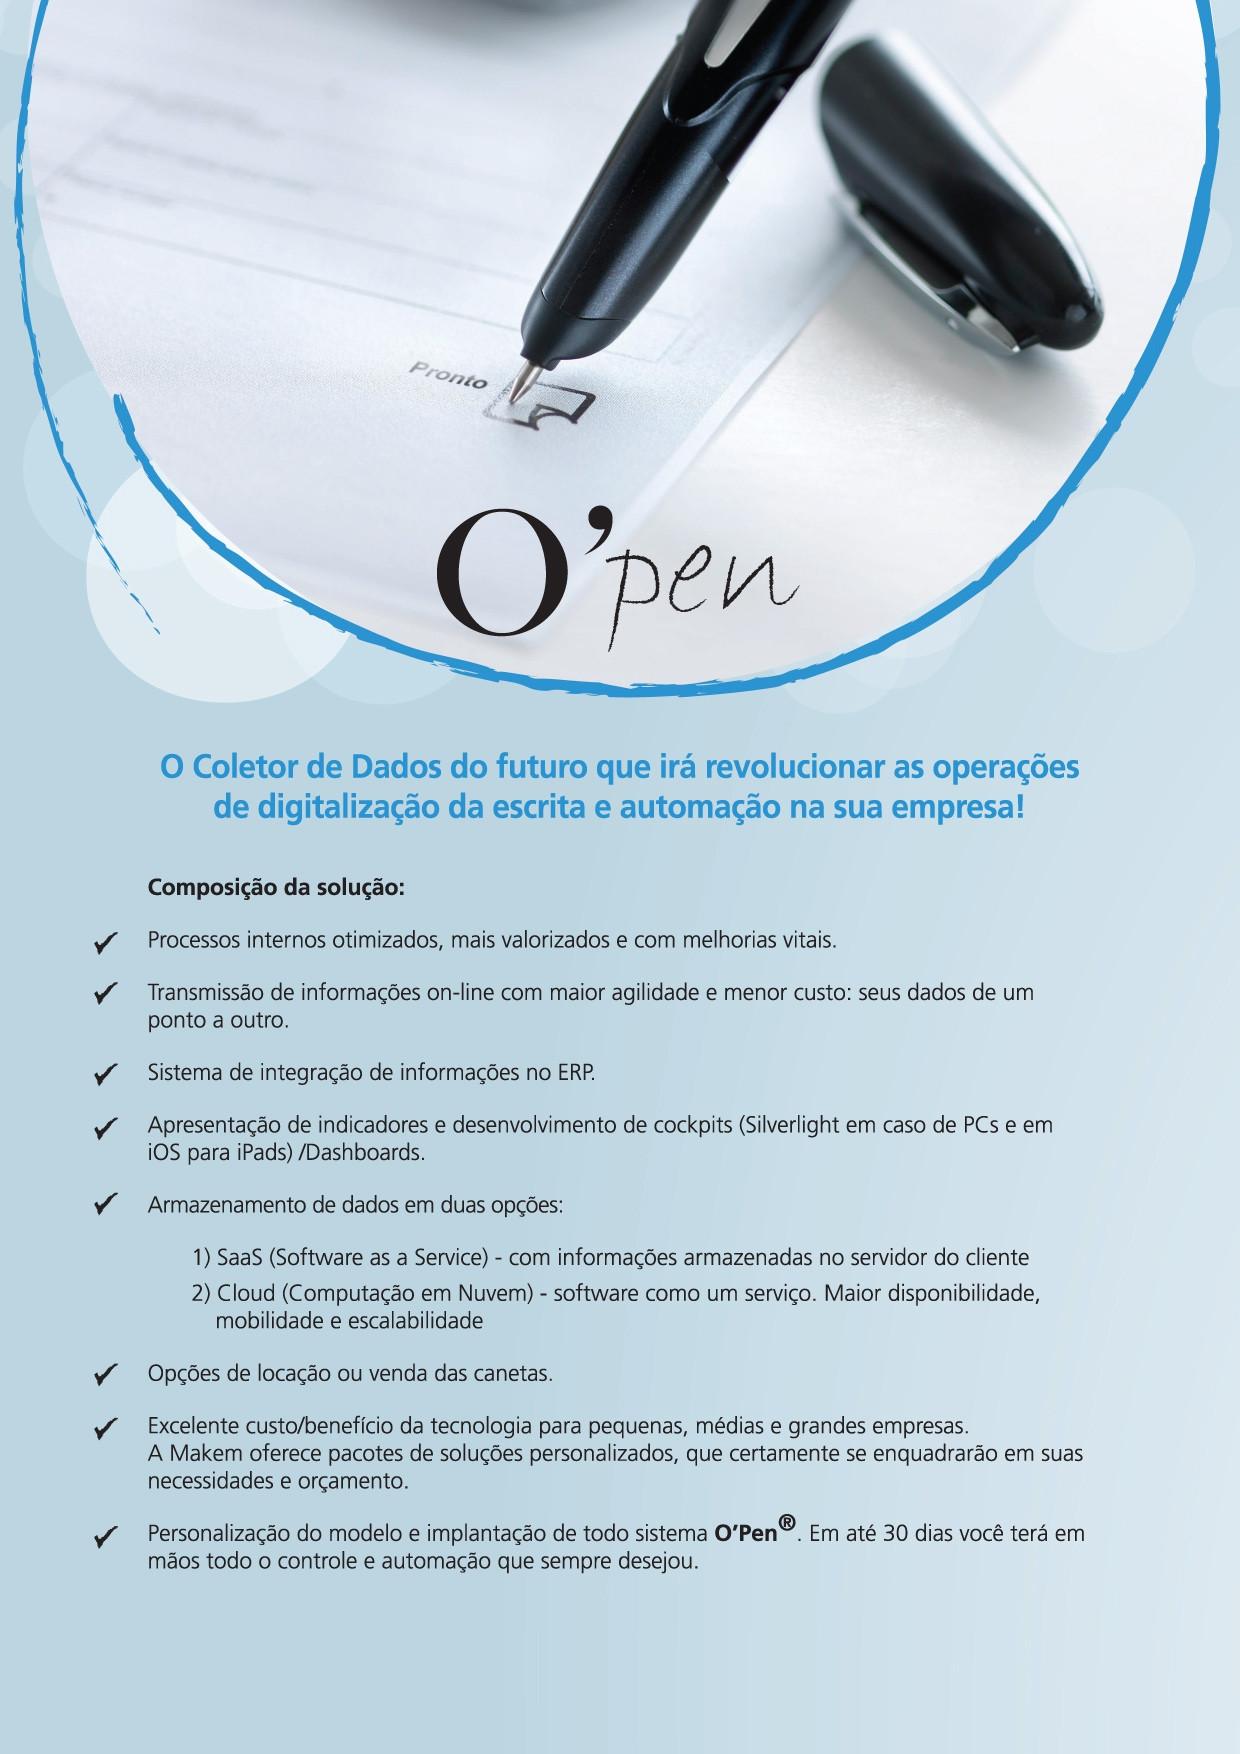 00 - Apresentacao Caneta Open [4717]_pag